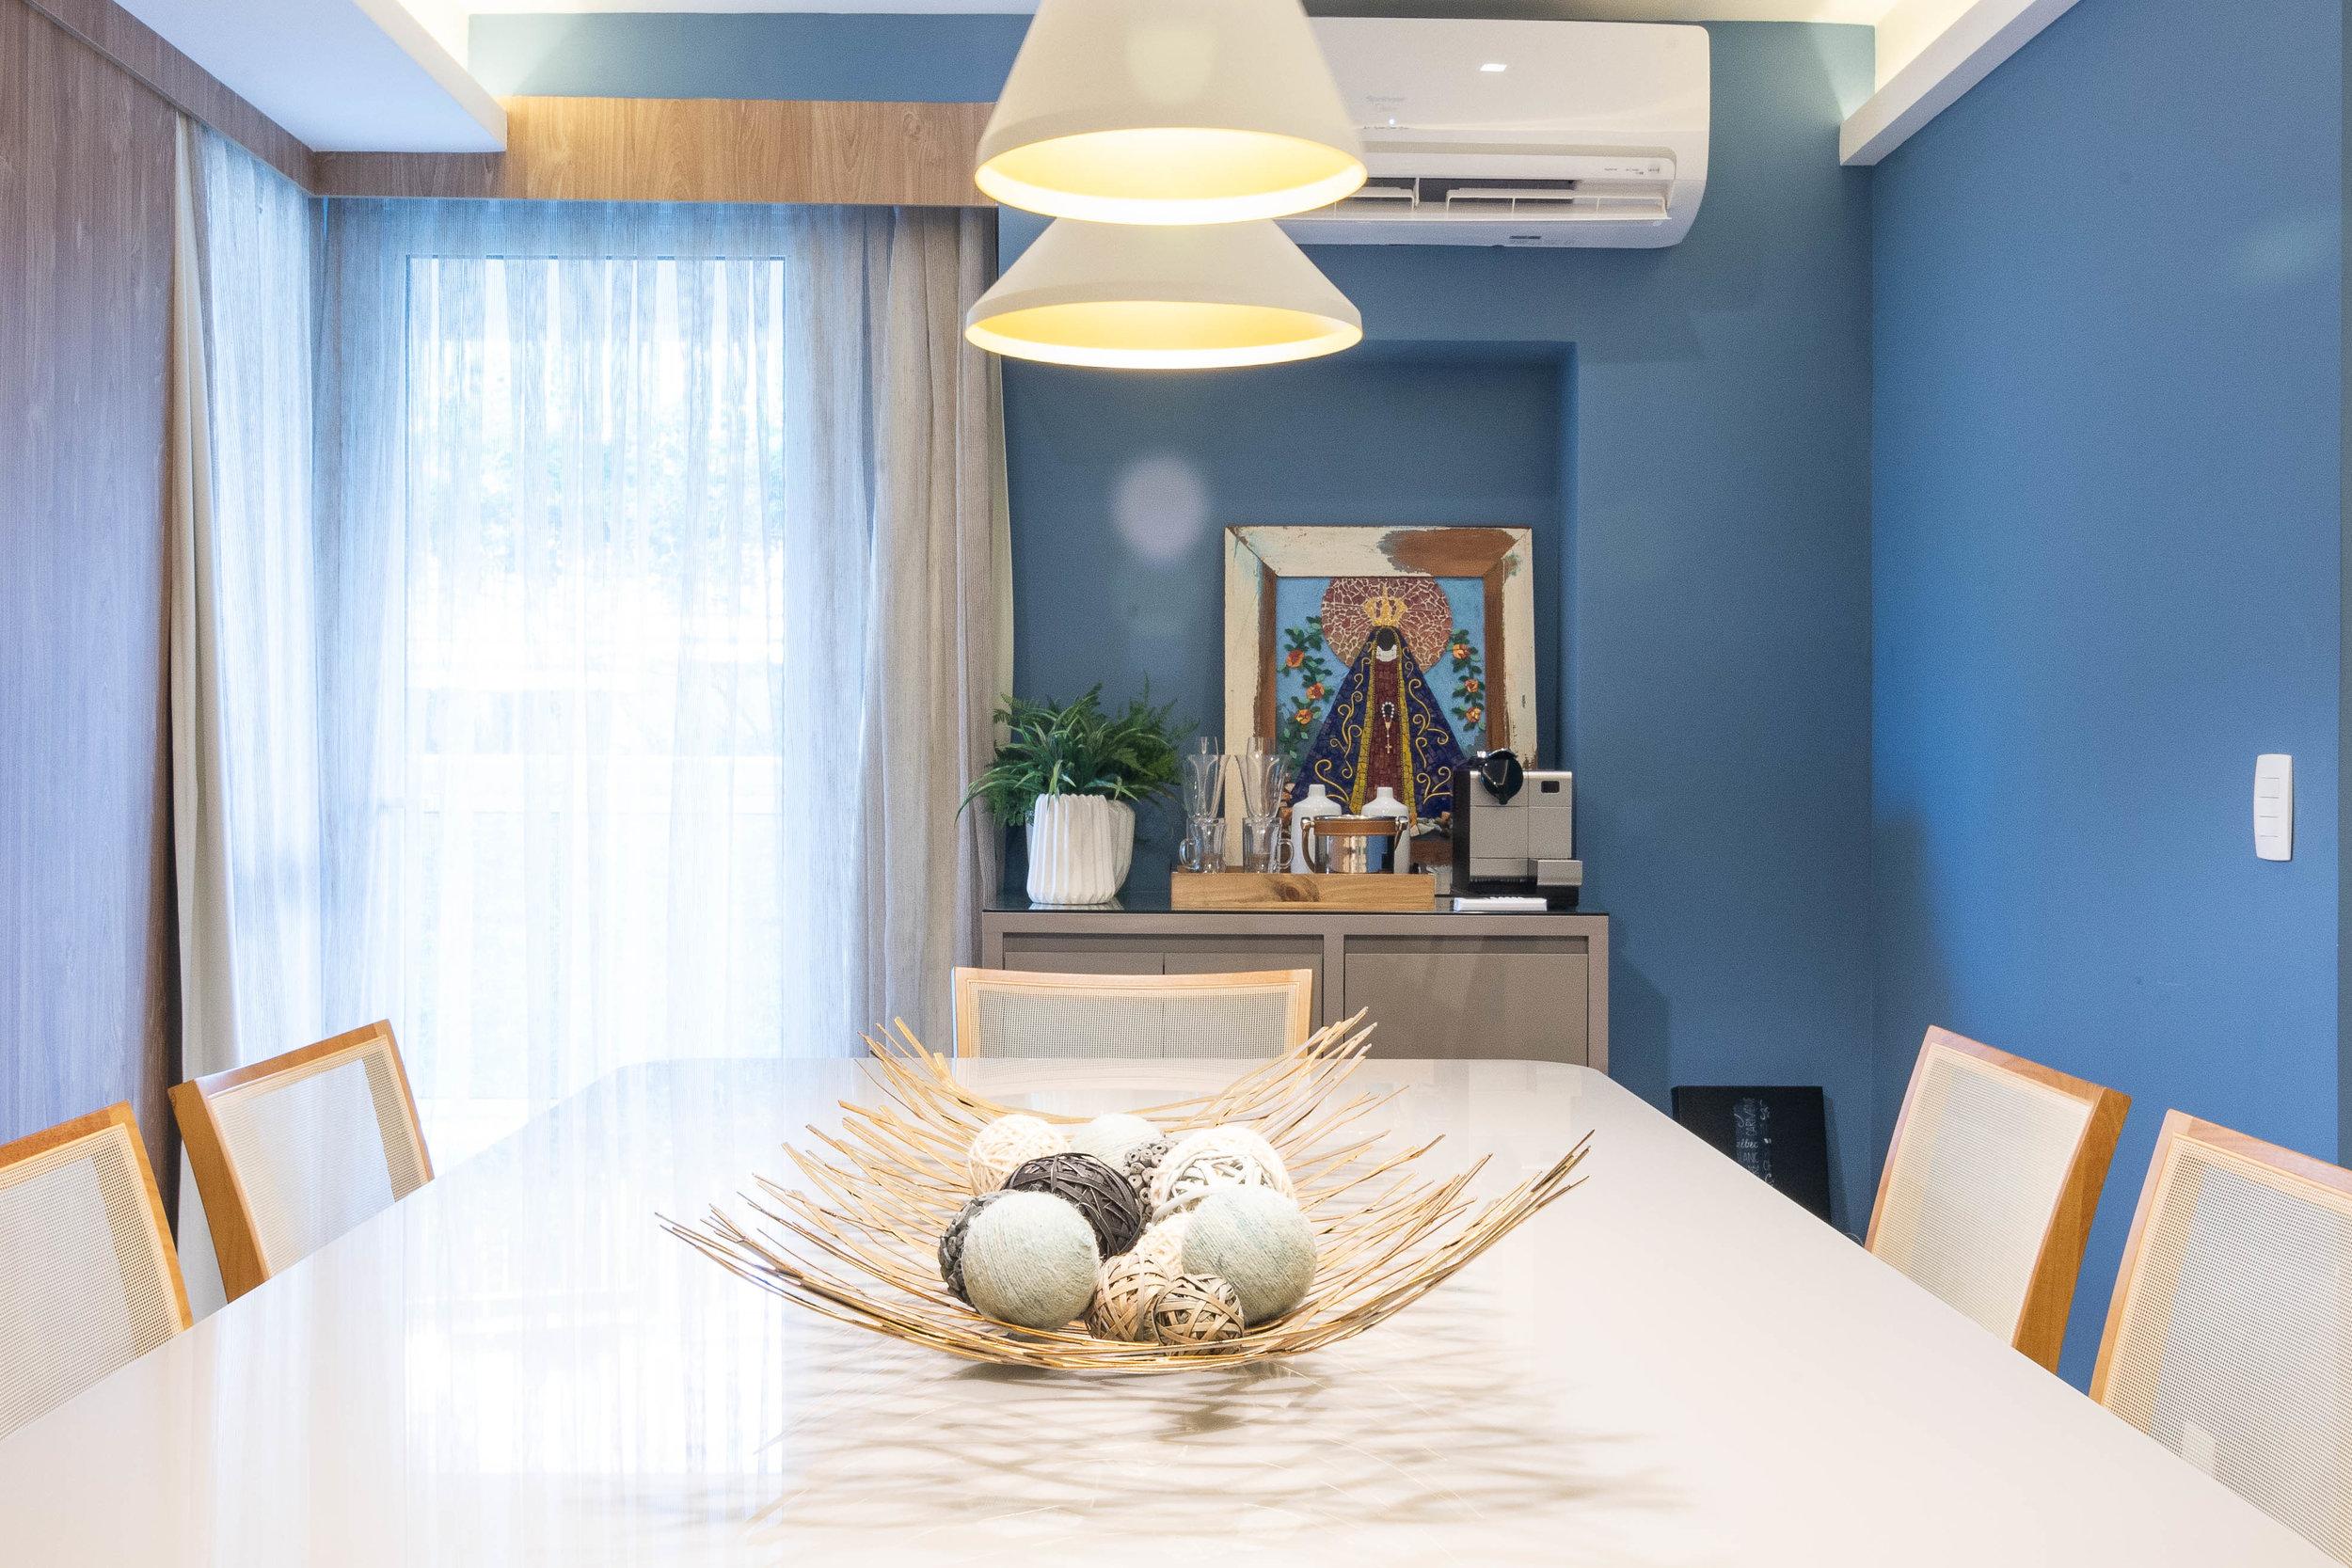 projeto-arquitetonico-luciananilton-duo-arquitetura-apartamentos-praia-09.jpg